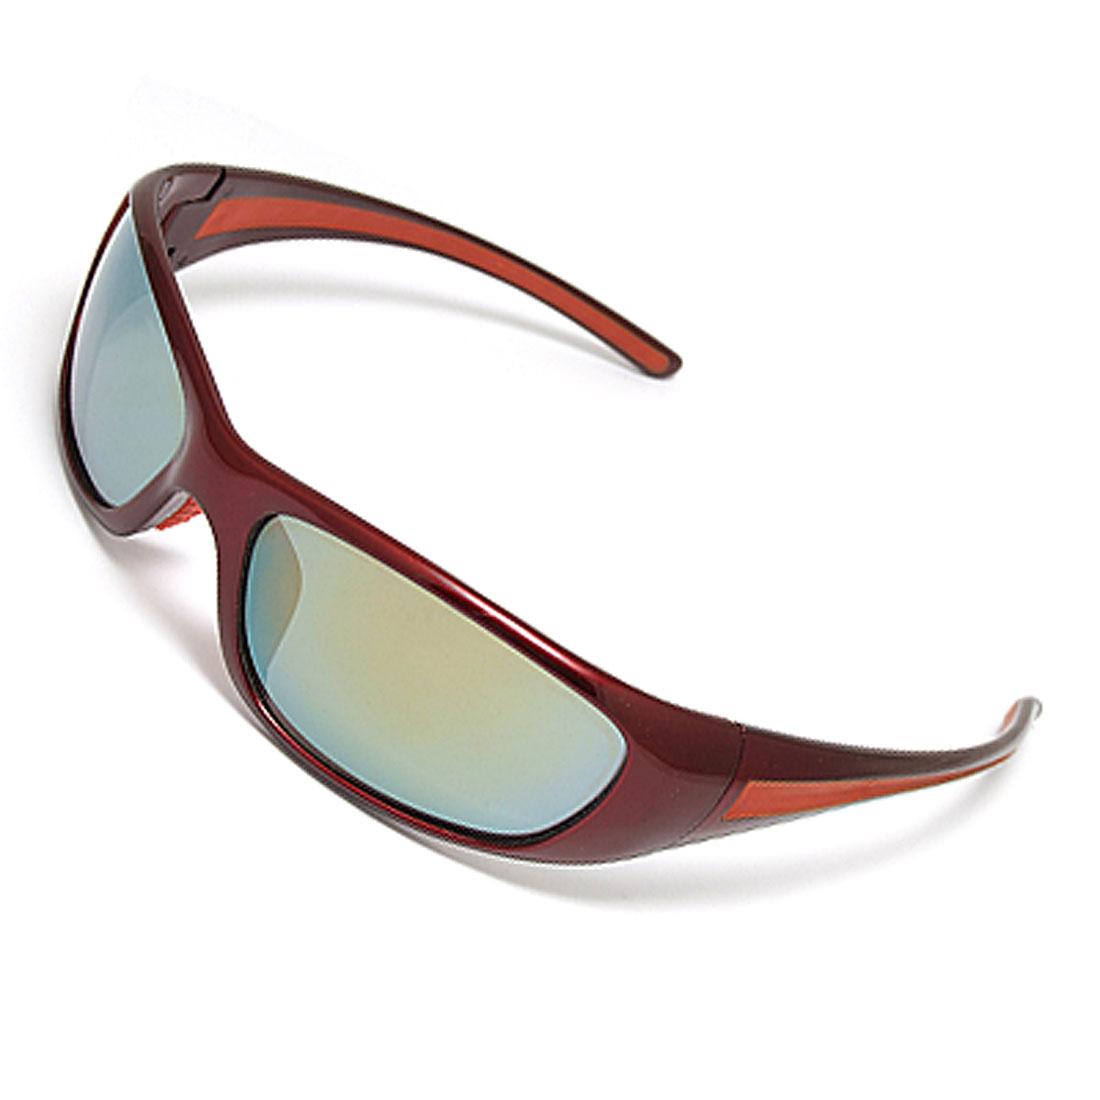 Carmine Plastic Full-rim Color Coated Lens Ladies' Sunglasses